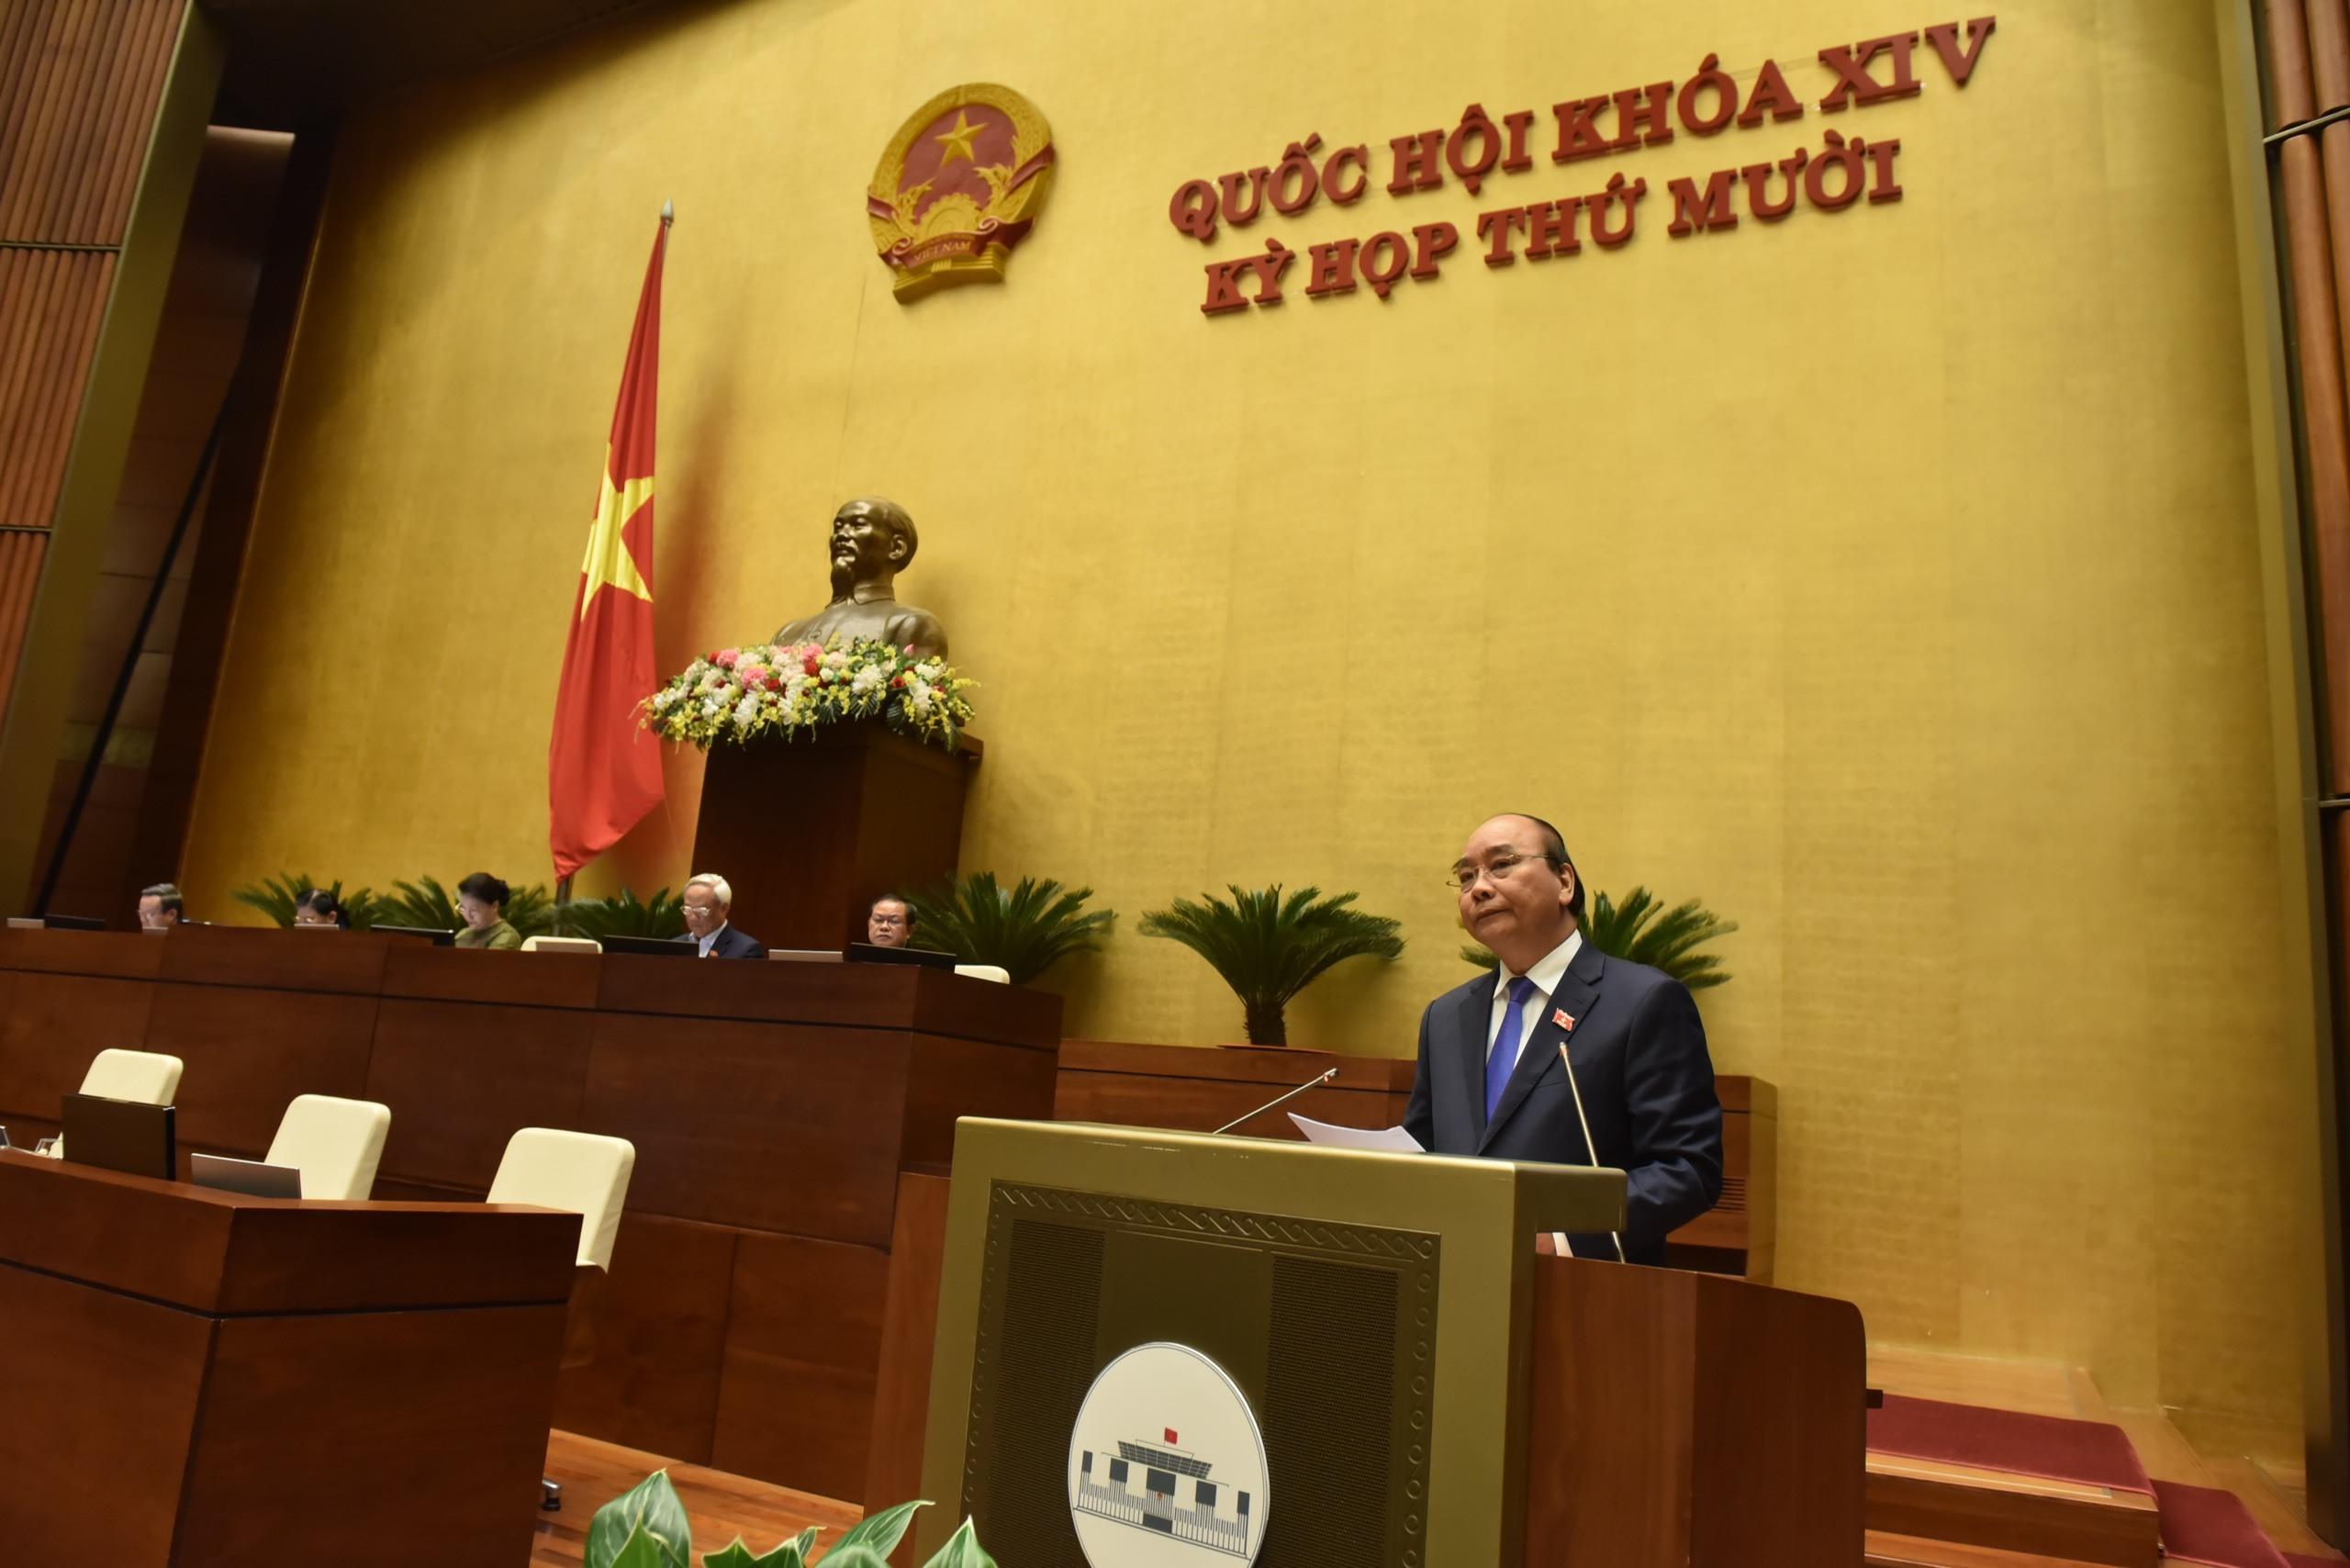 Chủ tịch Quốc hội 'chấm điểm' các thành viên Chính phủ trả lời chất vấn